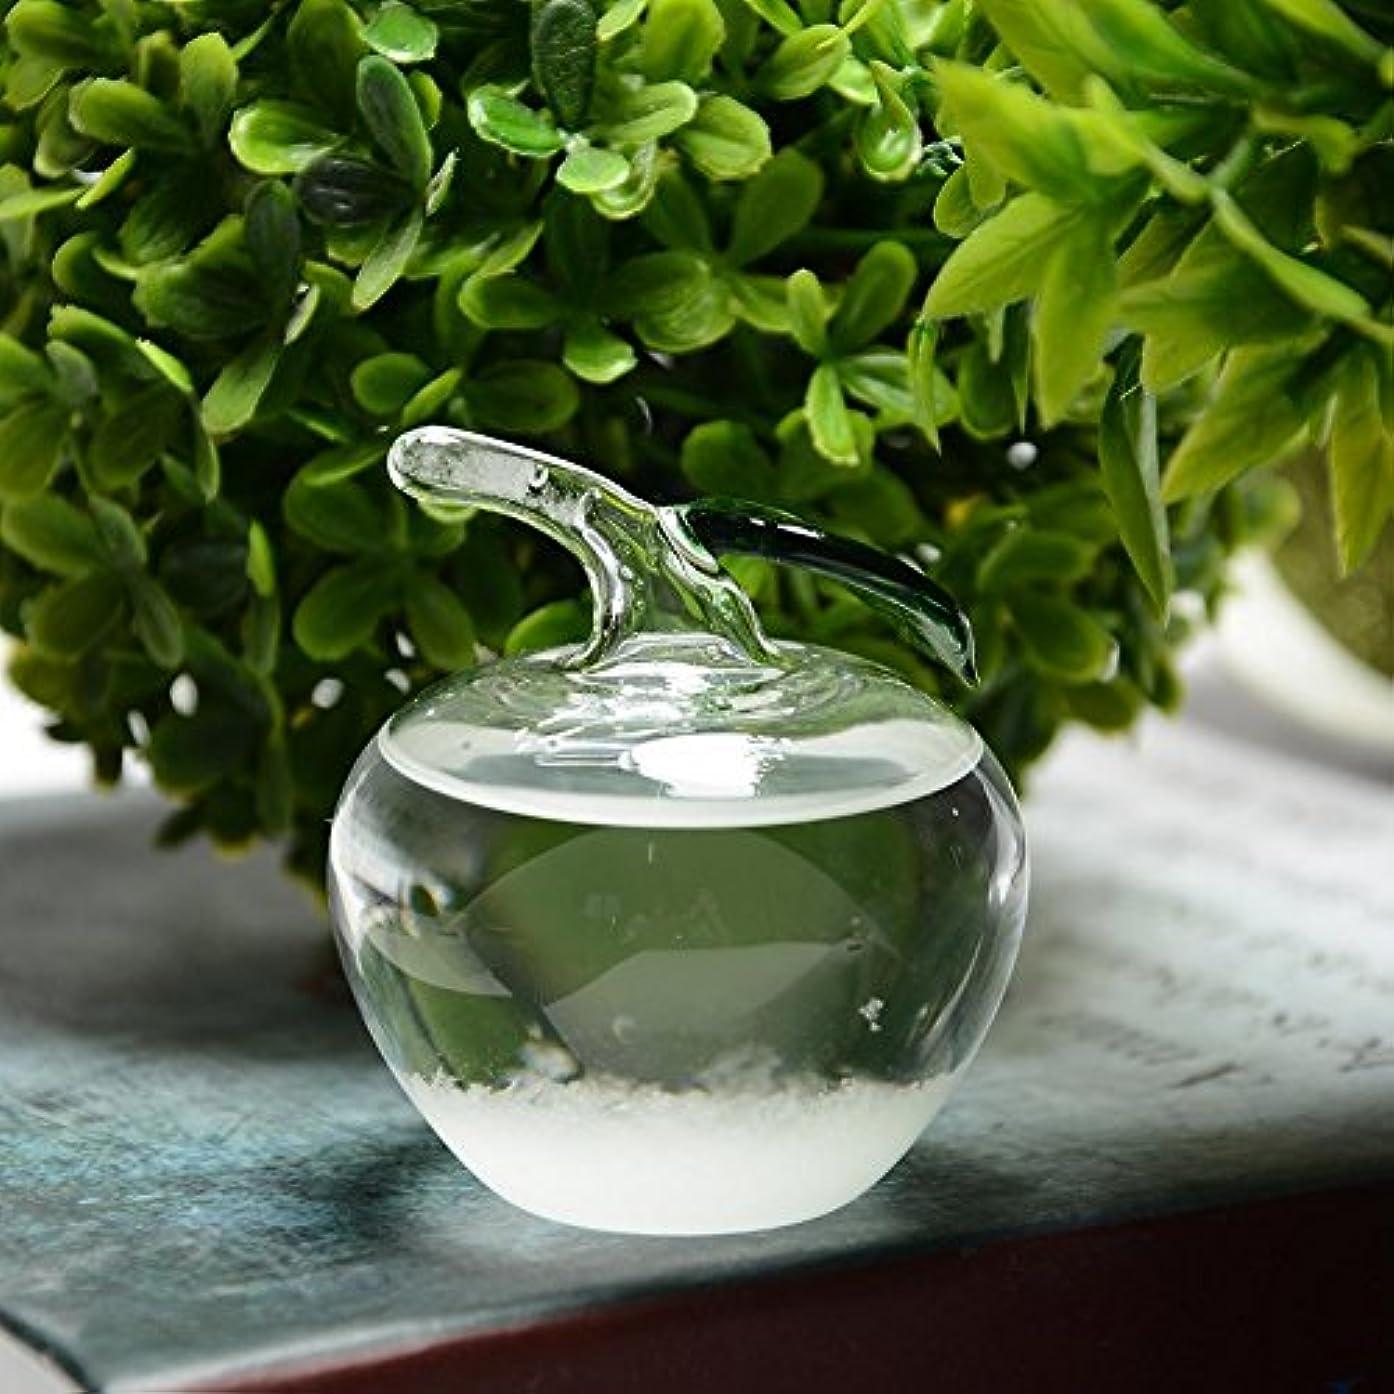 ラインスキップデコードするJicorzo - 小さなクリスタル天気予報ボトルガラスストームボトルホームオフィスの装飾のギフト[ミニアップル]